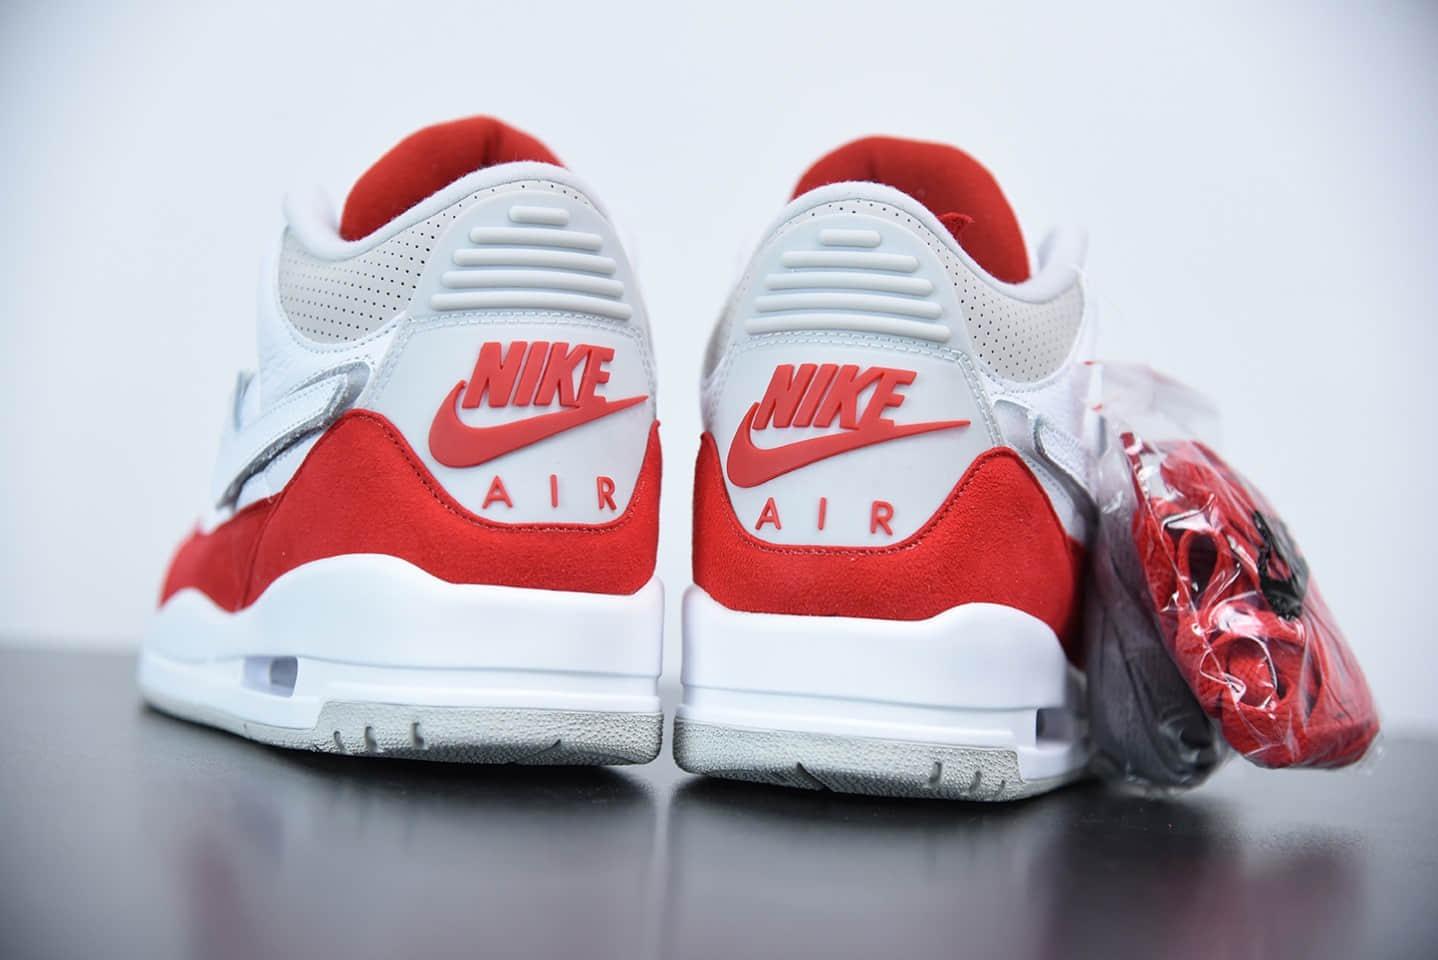 乔丹Air Jordan 3 RetroTinker 白红迈克尔中帮复古休闲运动文化篮球鞋纯原版本 货号:CJ0939-100